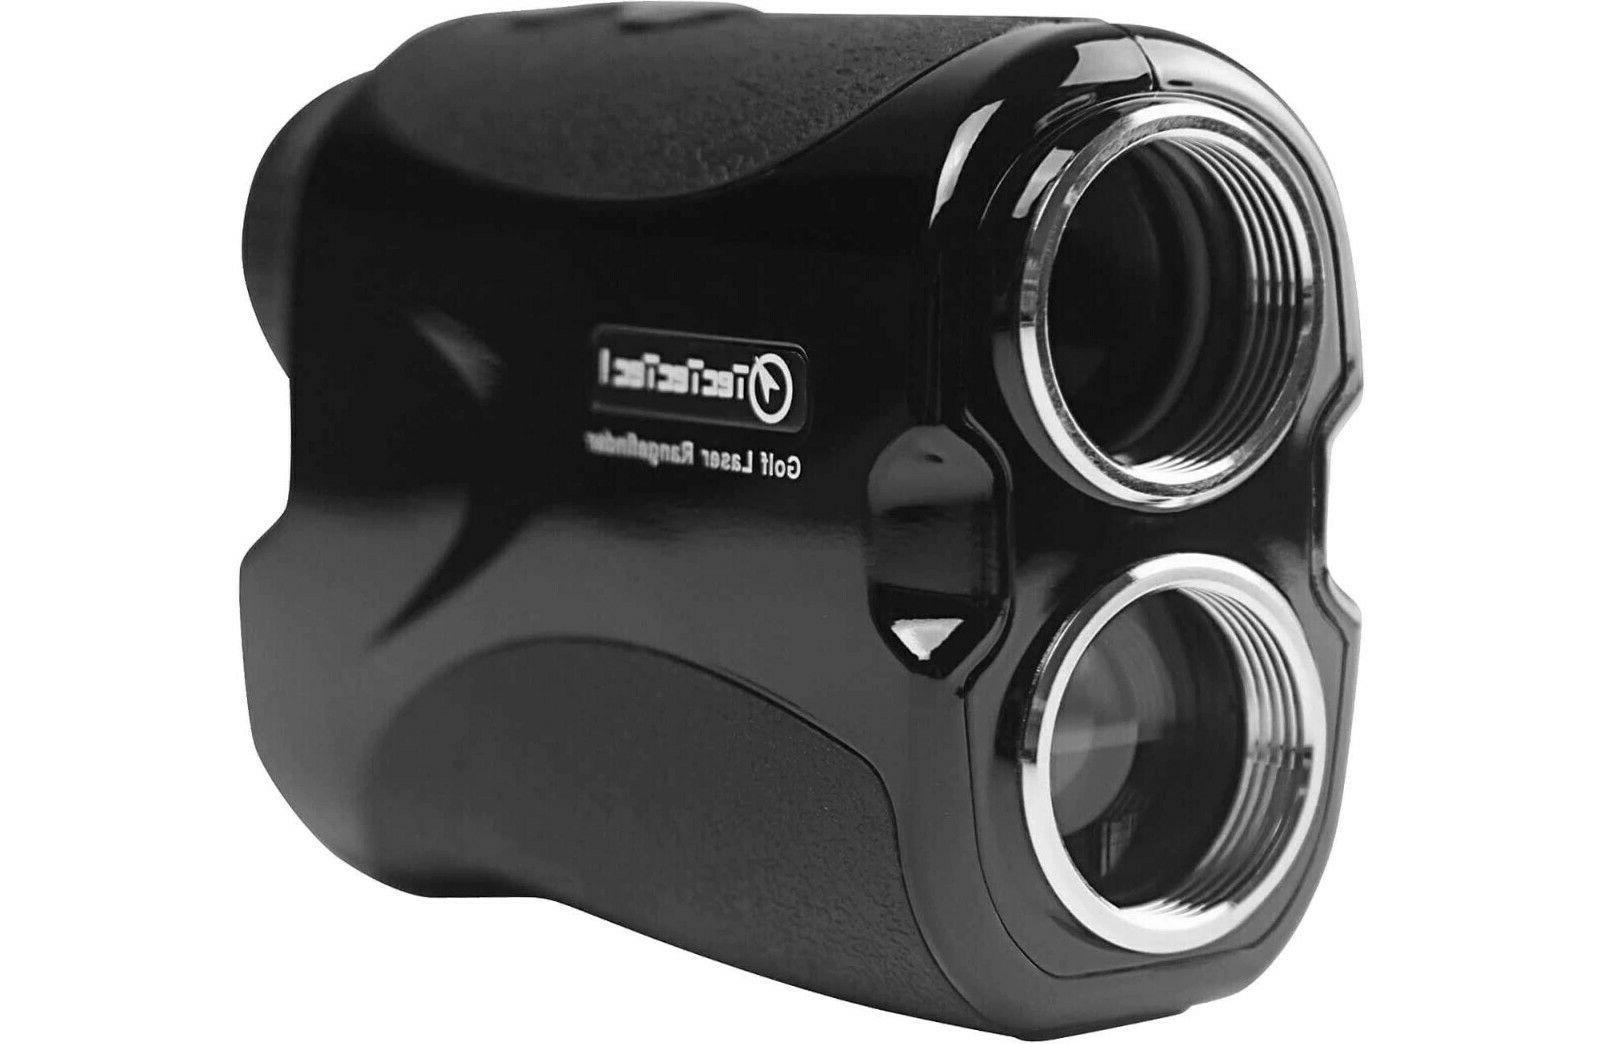 Brand-New in VPRO500 Laser Range Finder